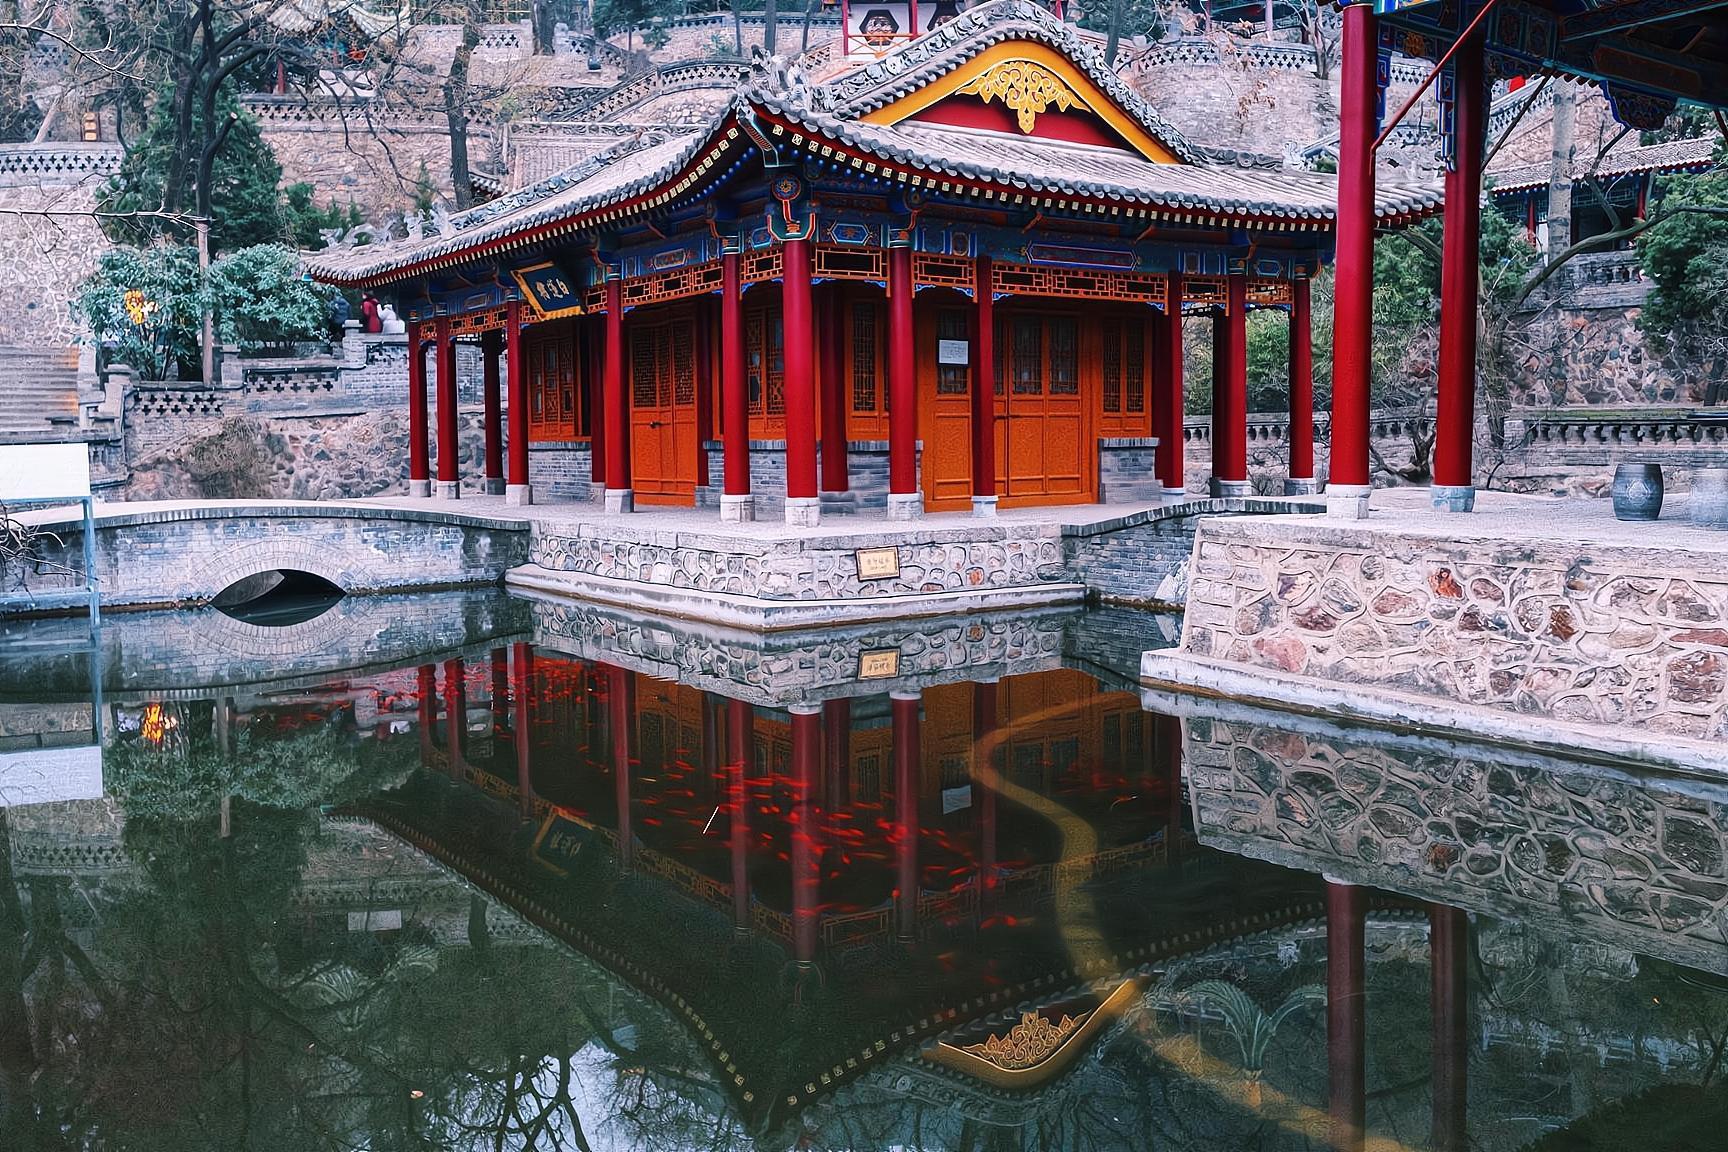 西安临潼华清池,与北京颐和园齐名的皇家园林,门票120值吗?